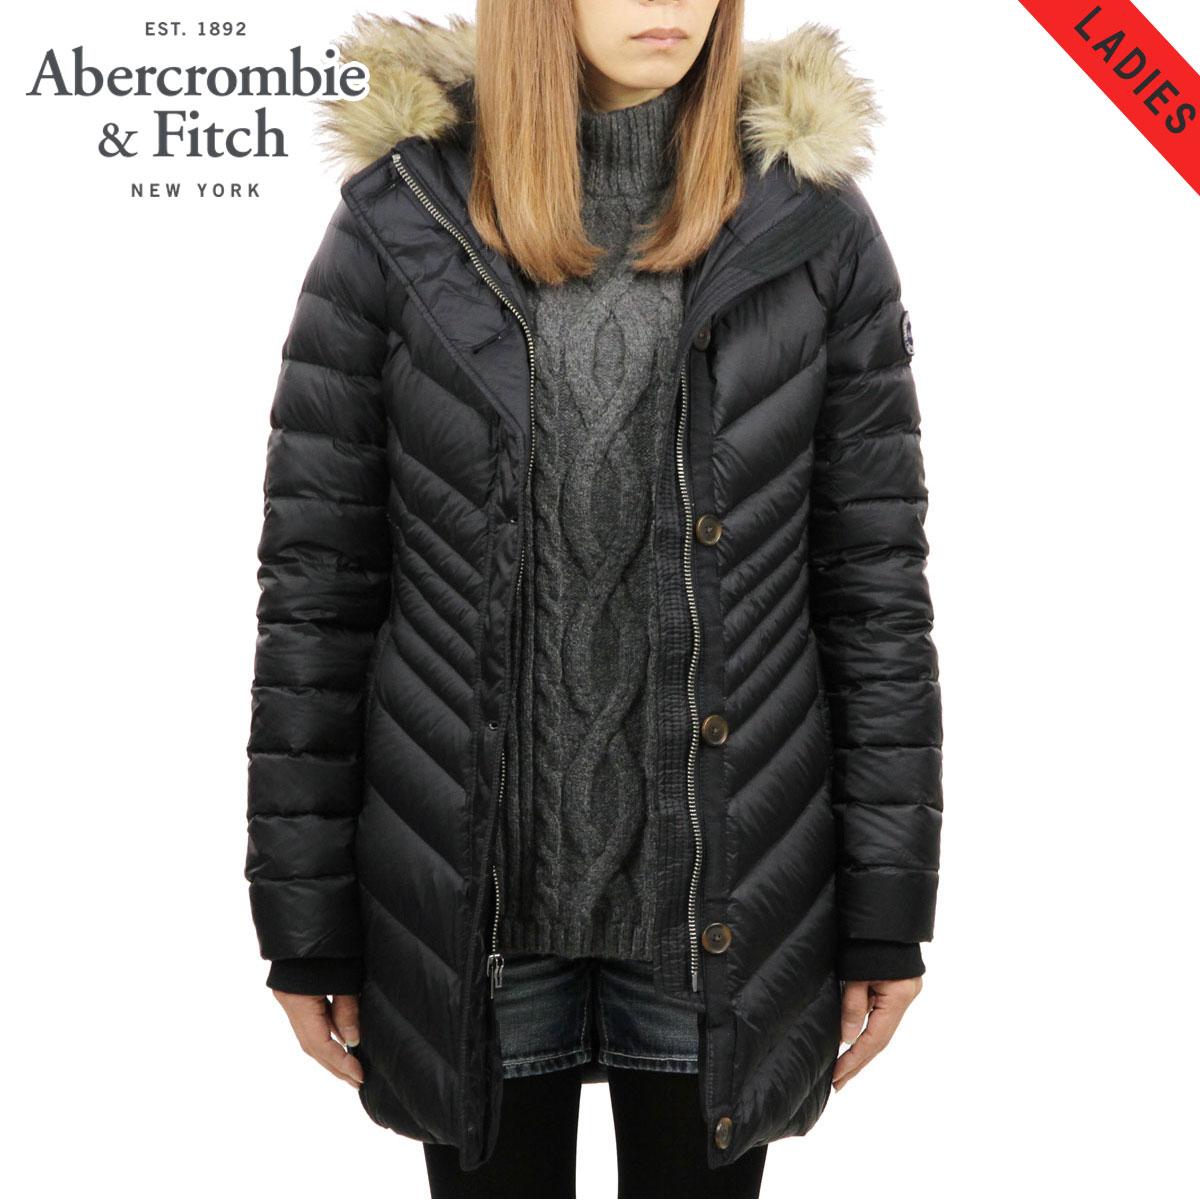 アバクロ Abercrombie&Fitch 正規品 レディース アウター ダウンコート DOWN-FILLED PARKA 144-442-0586-900